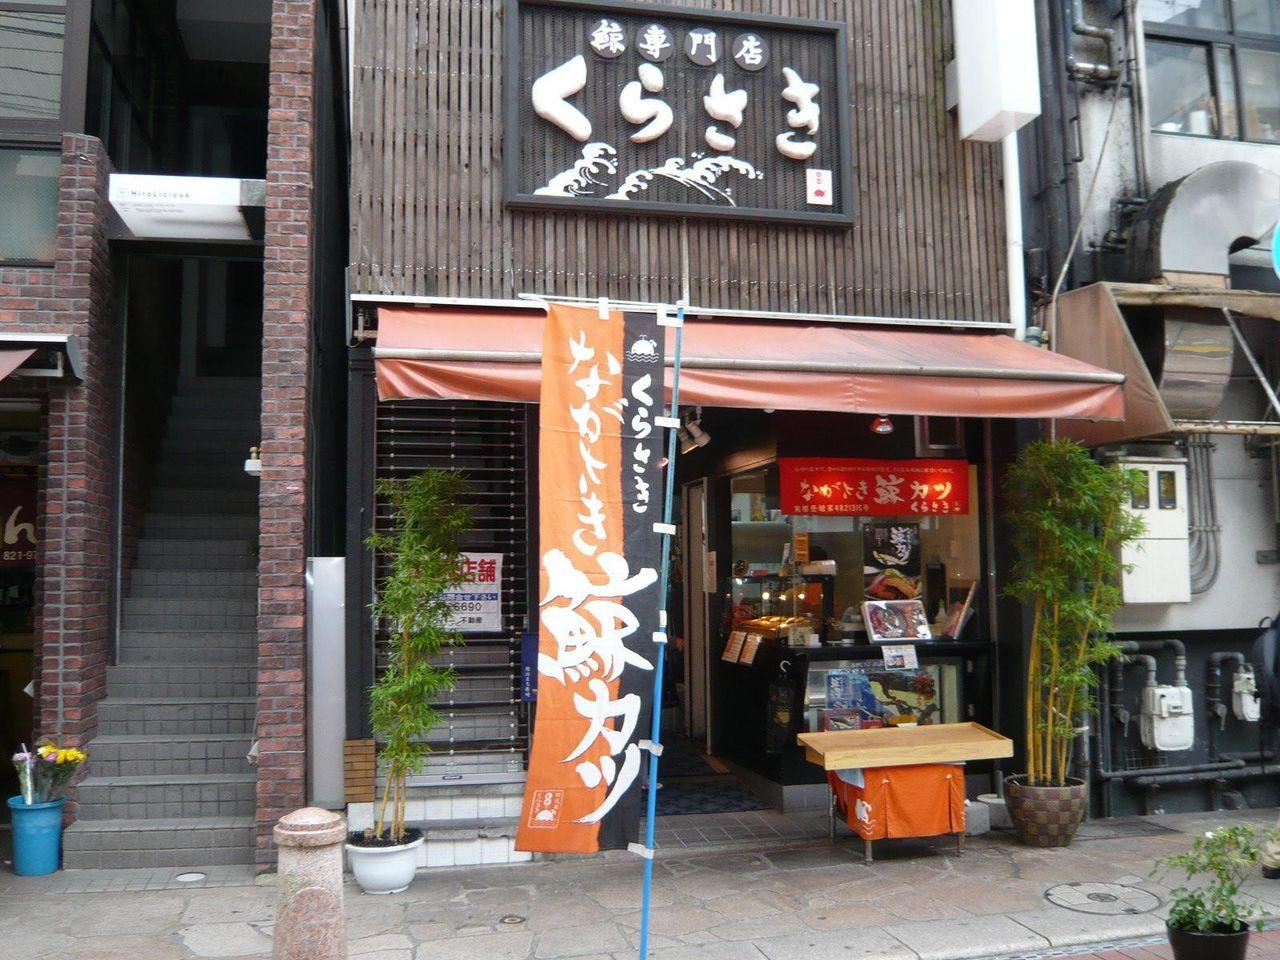 店内では、鯨ベーコンや鯨肉を販売しています。